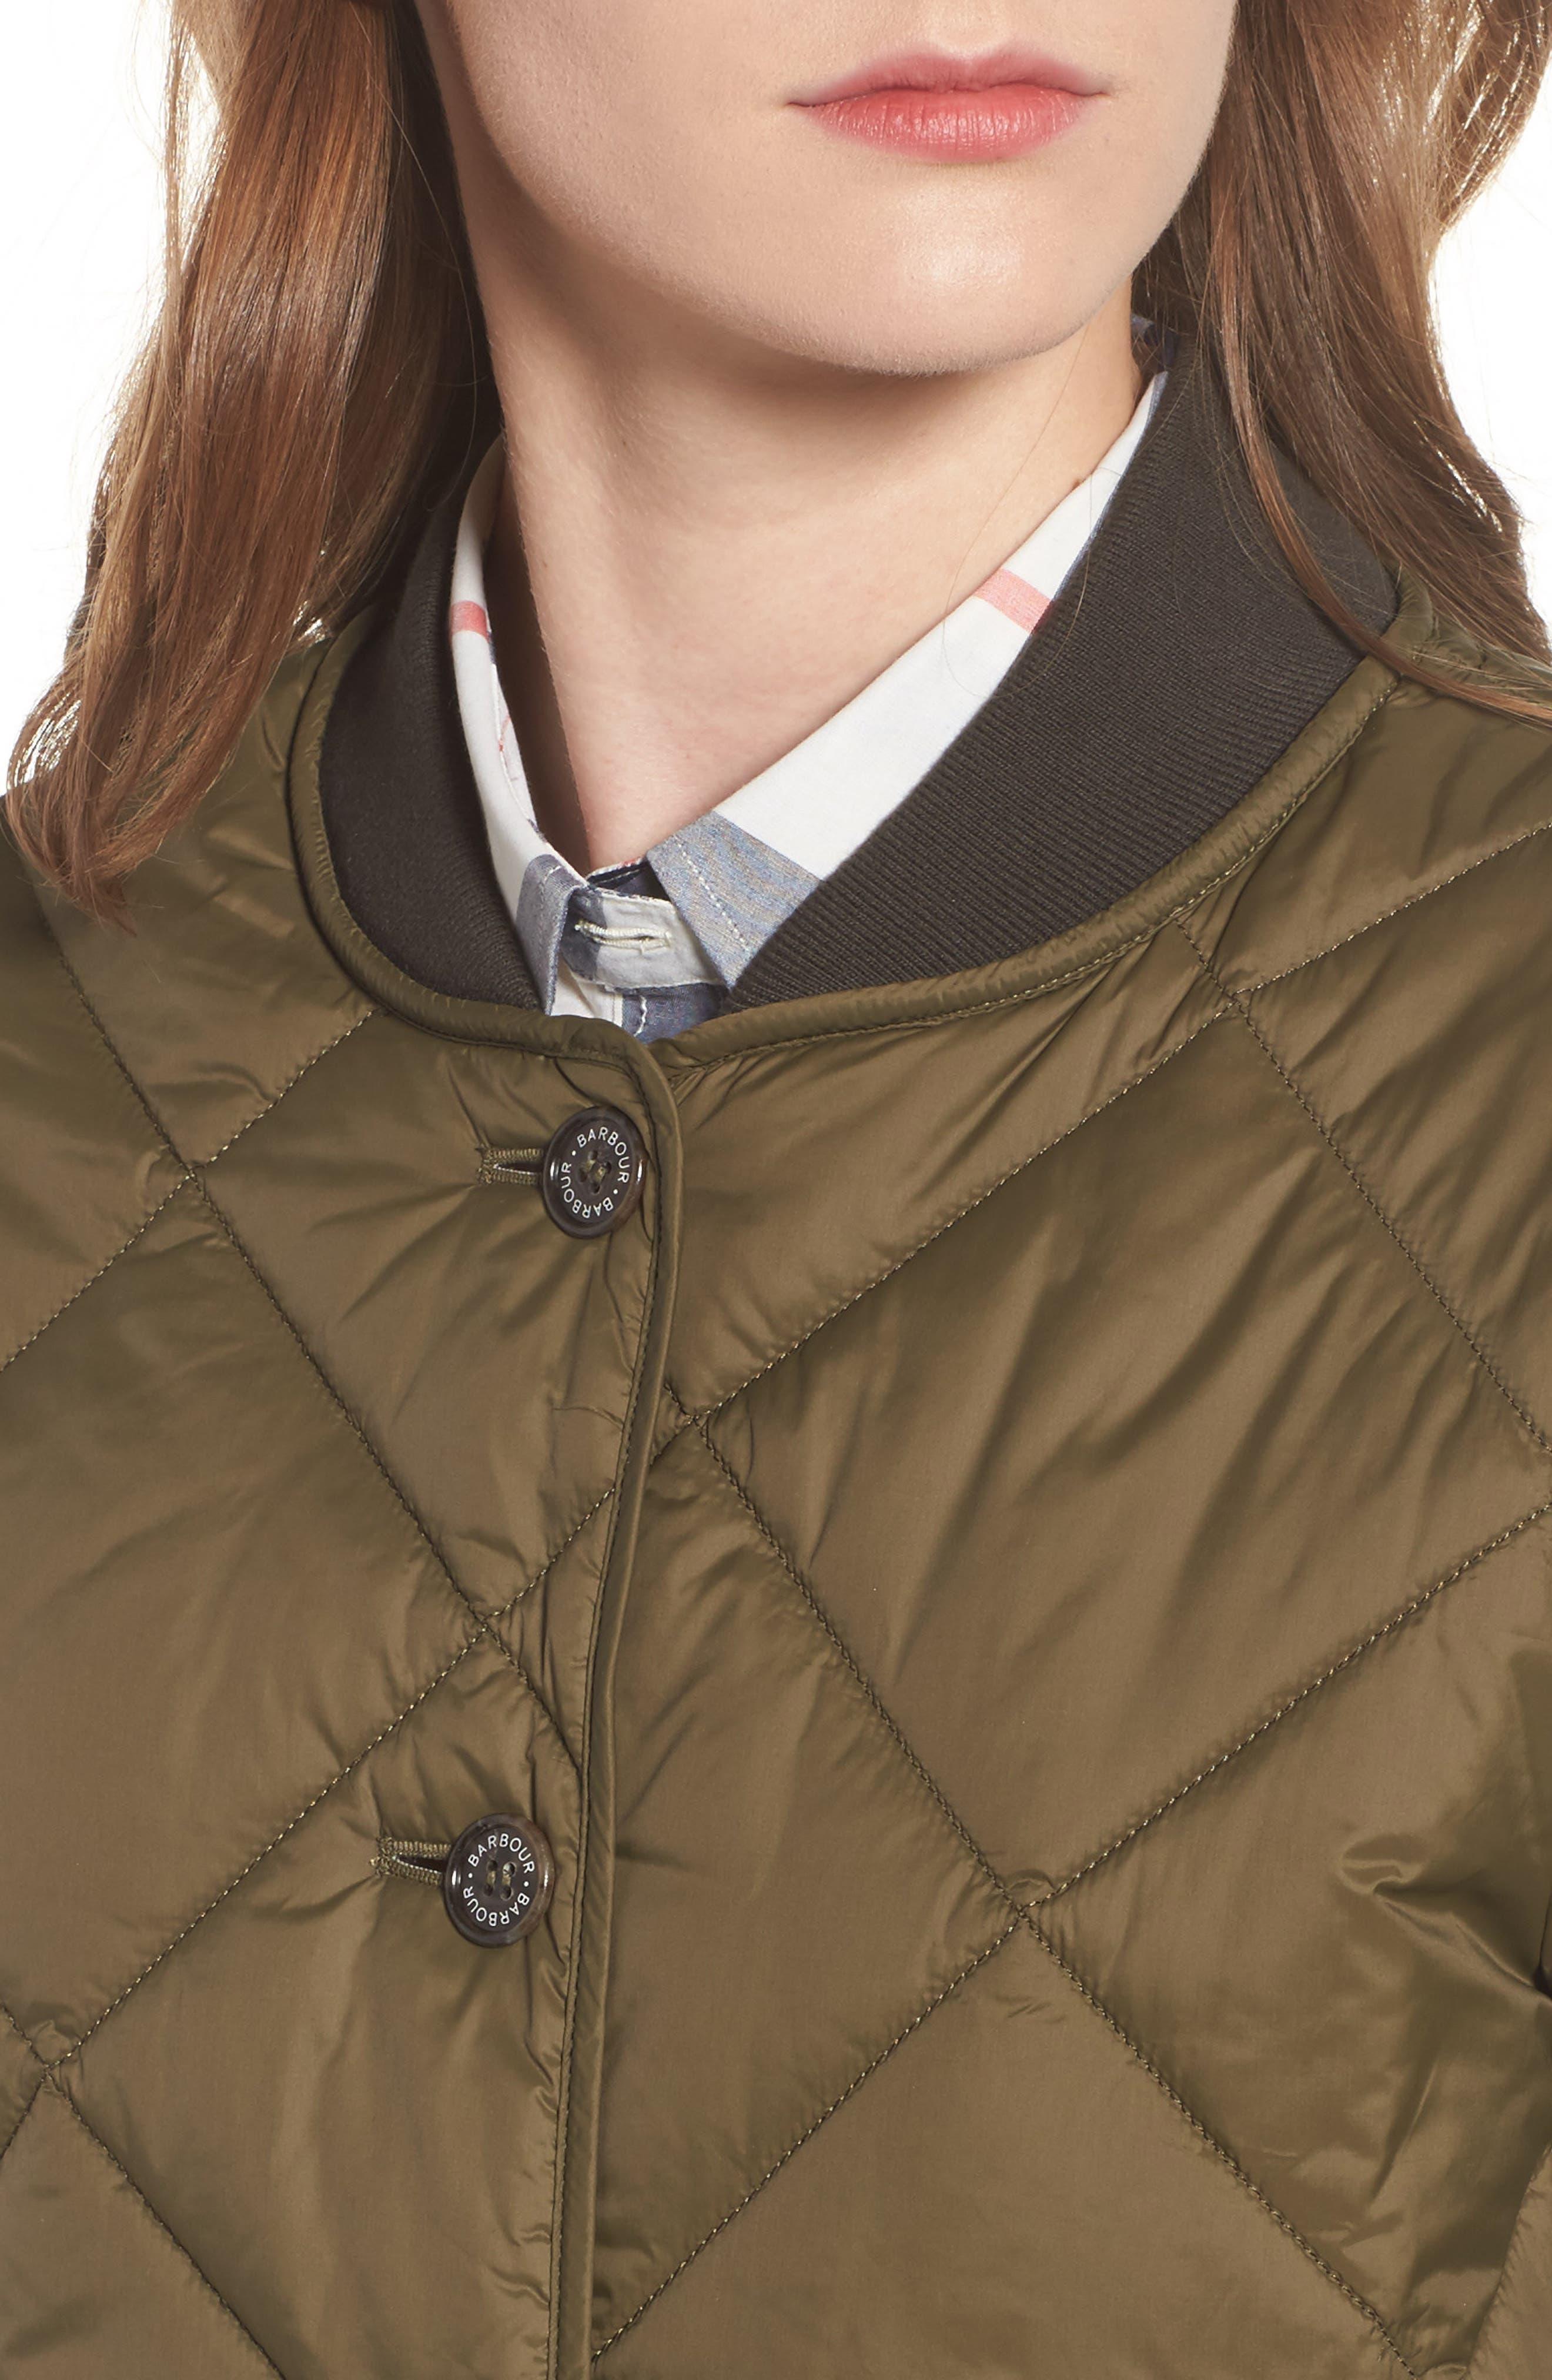 Freckleton Jacket,                             Alternate thumbnail 4, color,                             340